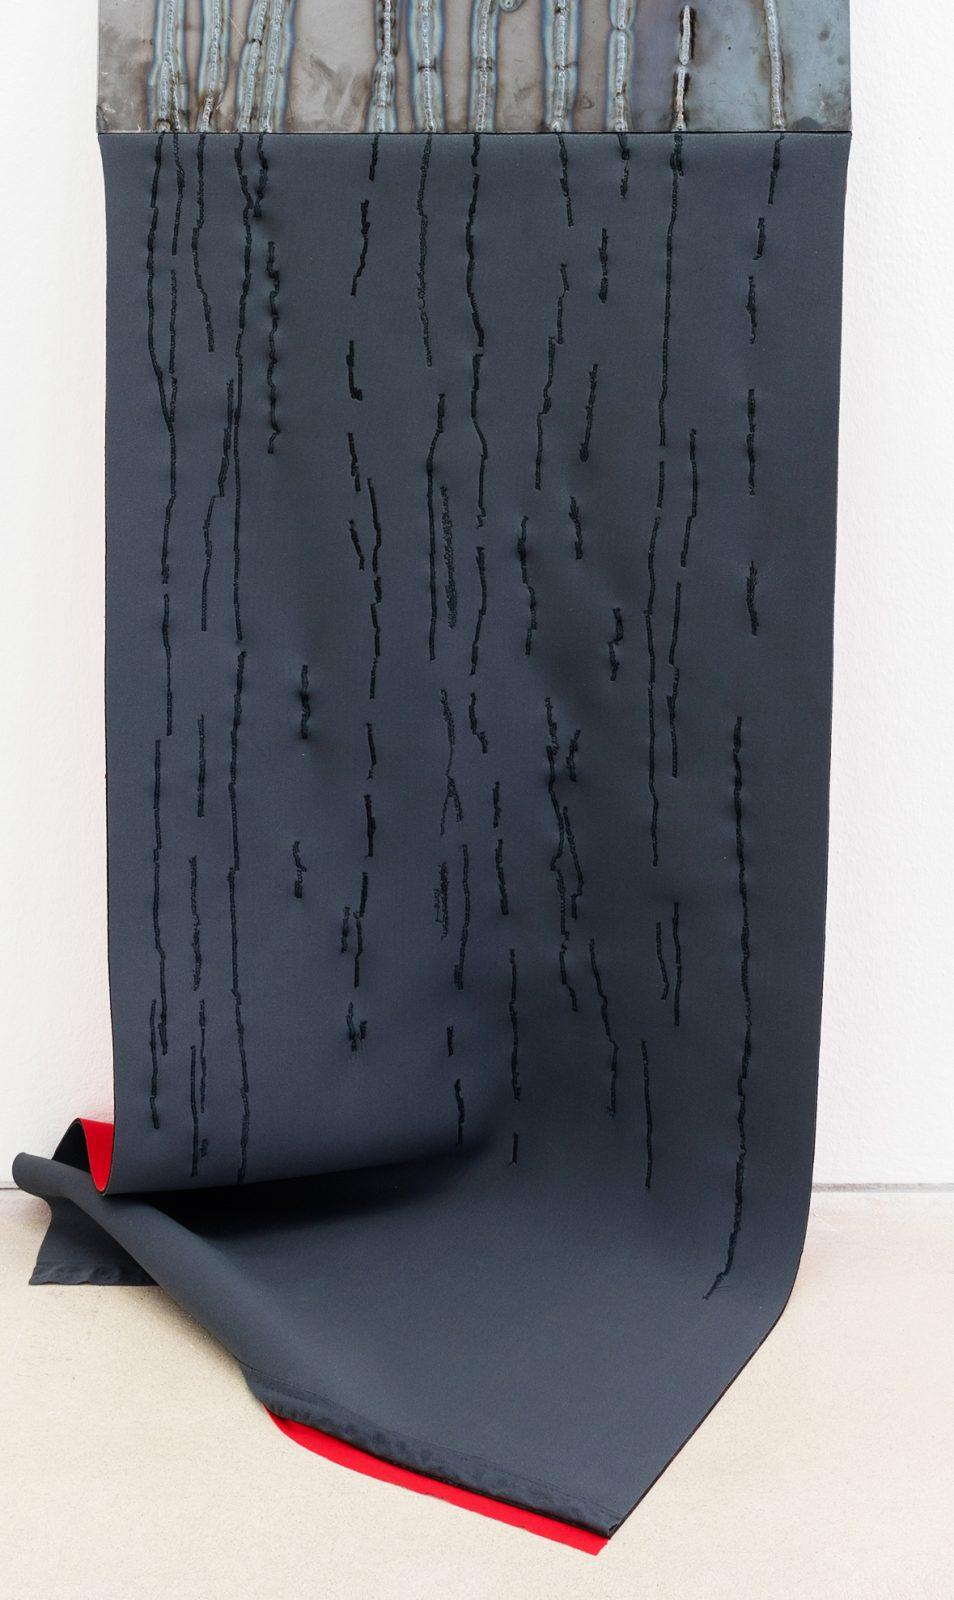 NÖ Waldviertel Galerie Kunst - Das war: Muster Erkennung